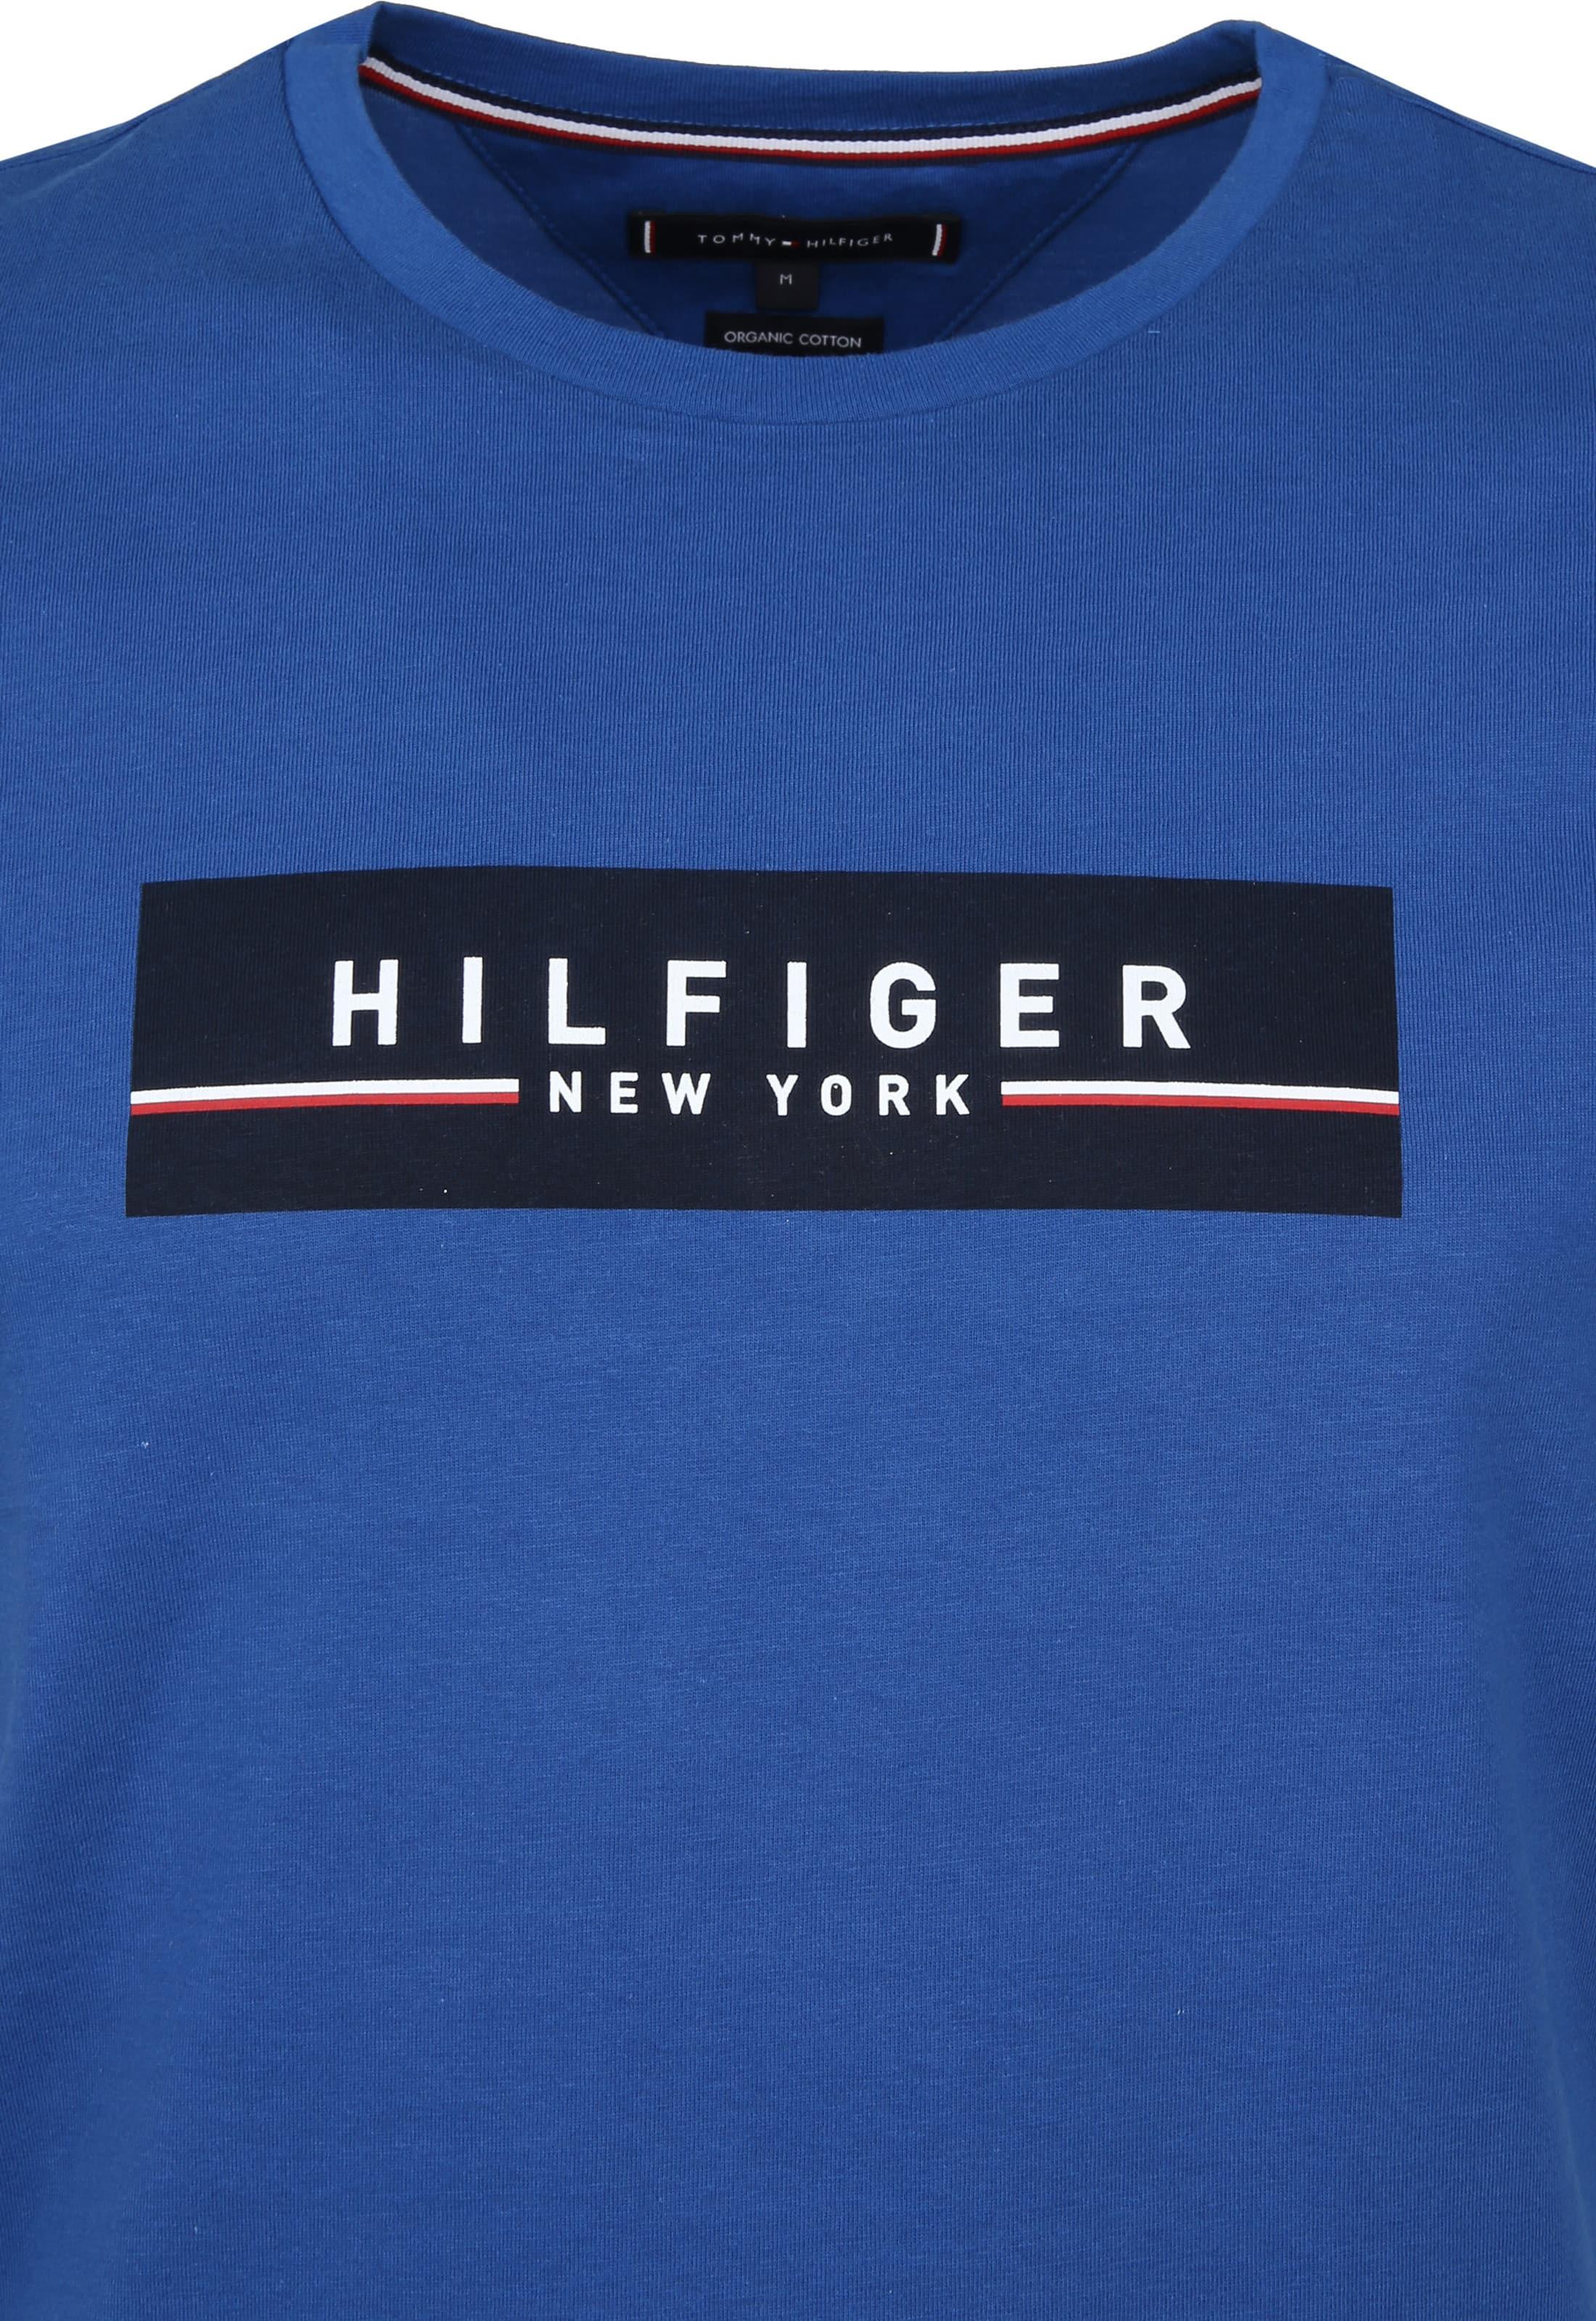 Tommy Hilfiger T-shirt Box Print Blau foto 1